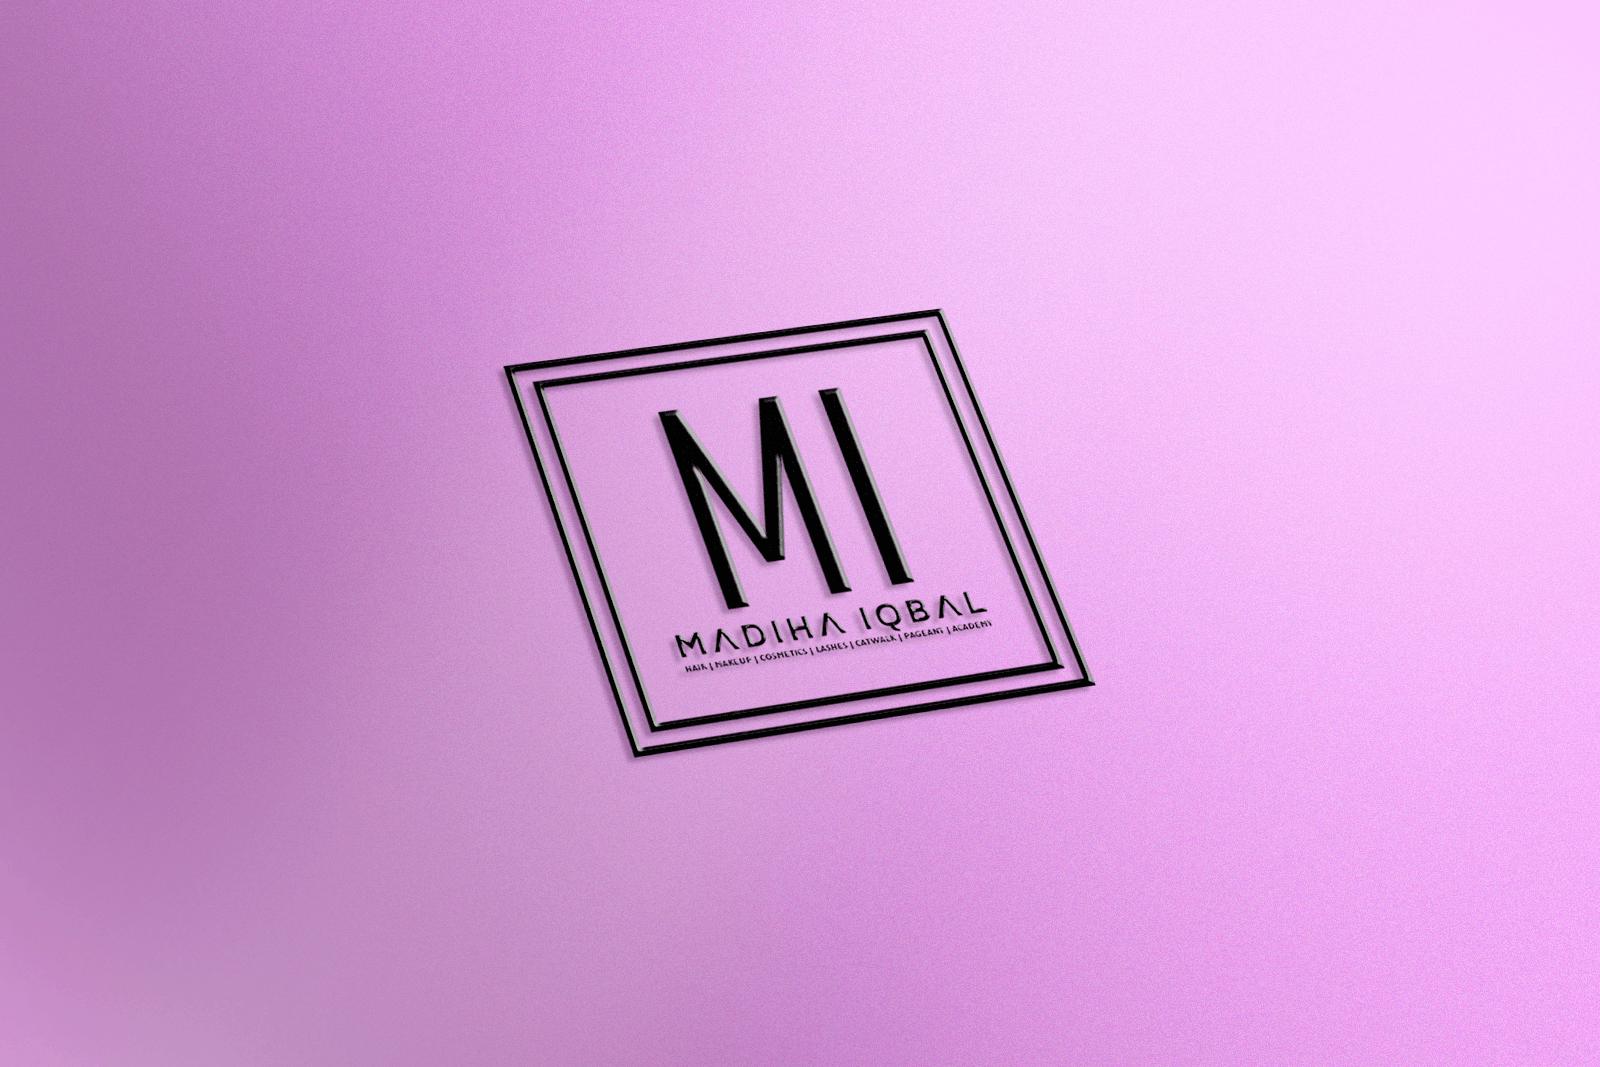 Madiha Iqbal Branding